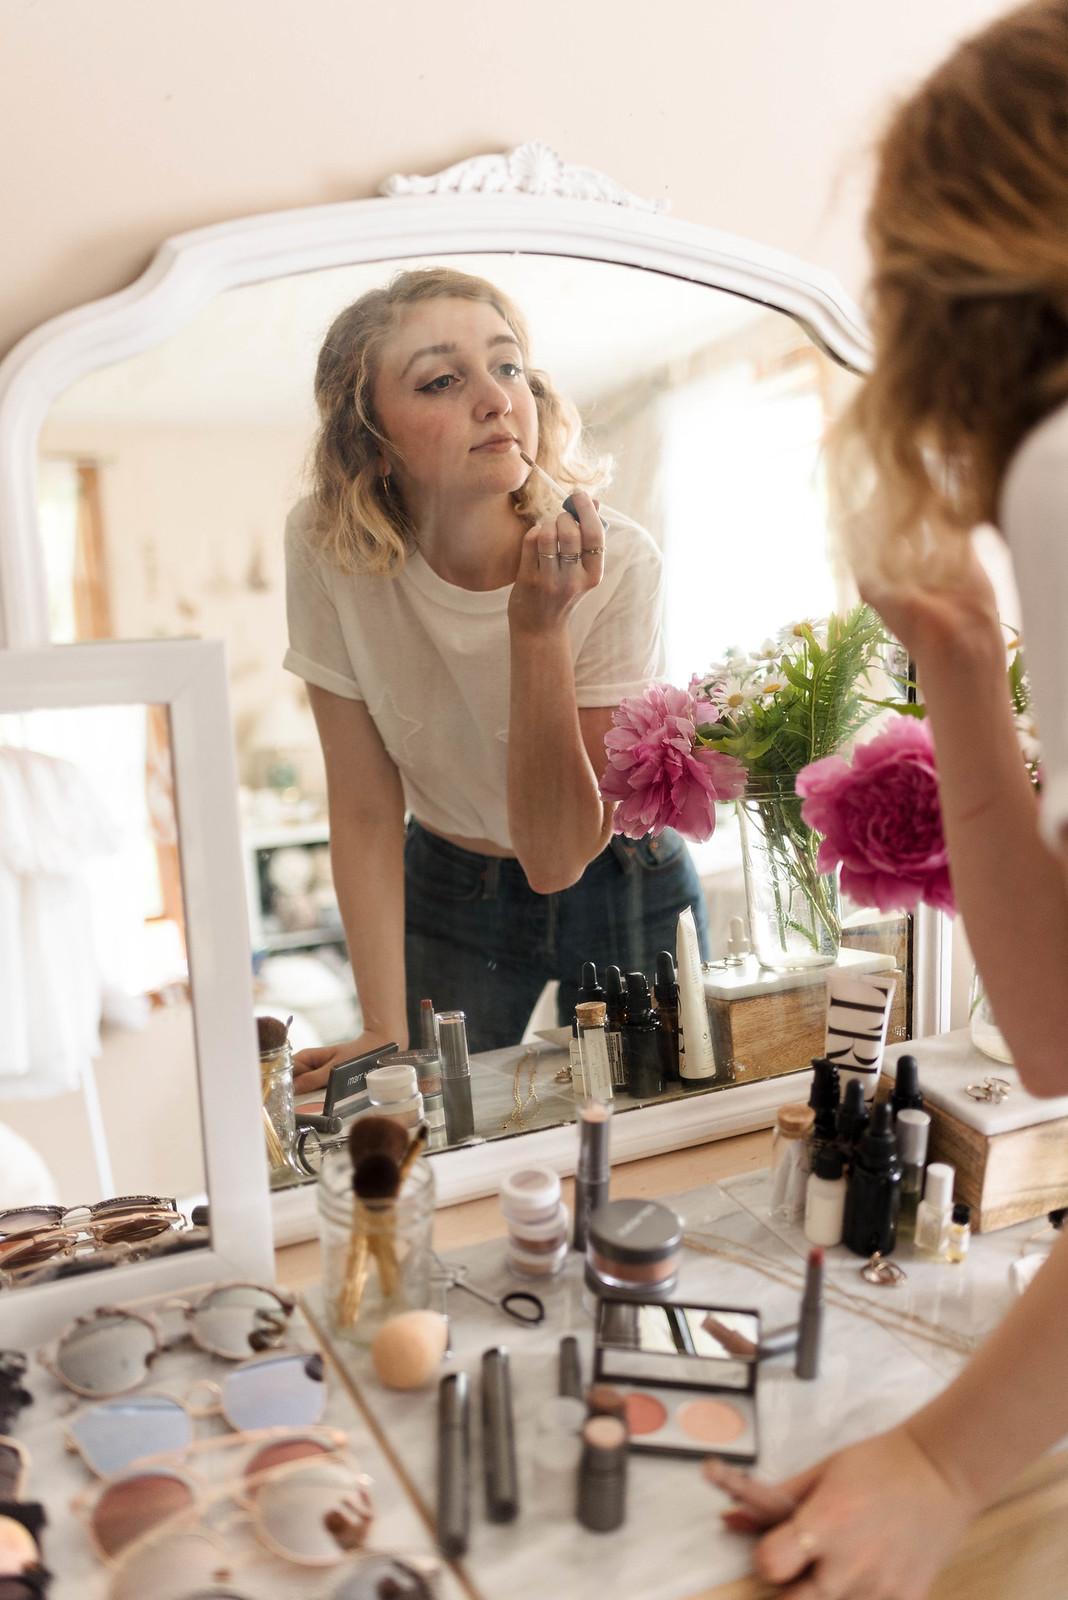 Clean Beauty Blogger on juliettelaura.blogspot.com